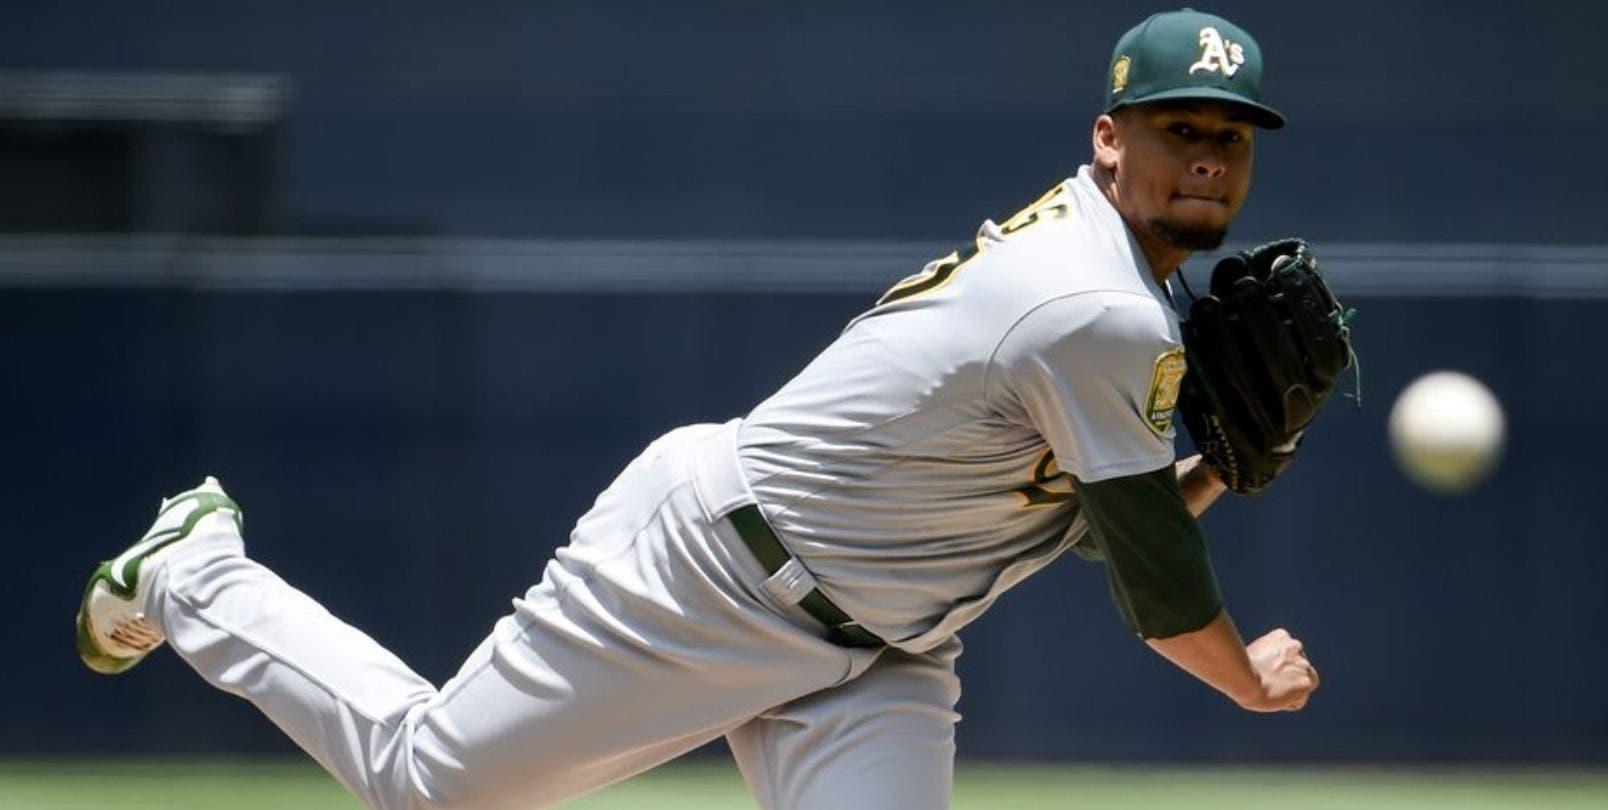 El dominicano Frankie Montás es reconocido por tener un brazo bien fuerte desde que fue descubierto por Boston en 2009.